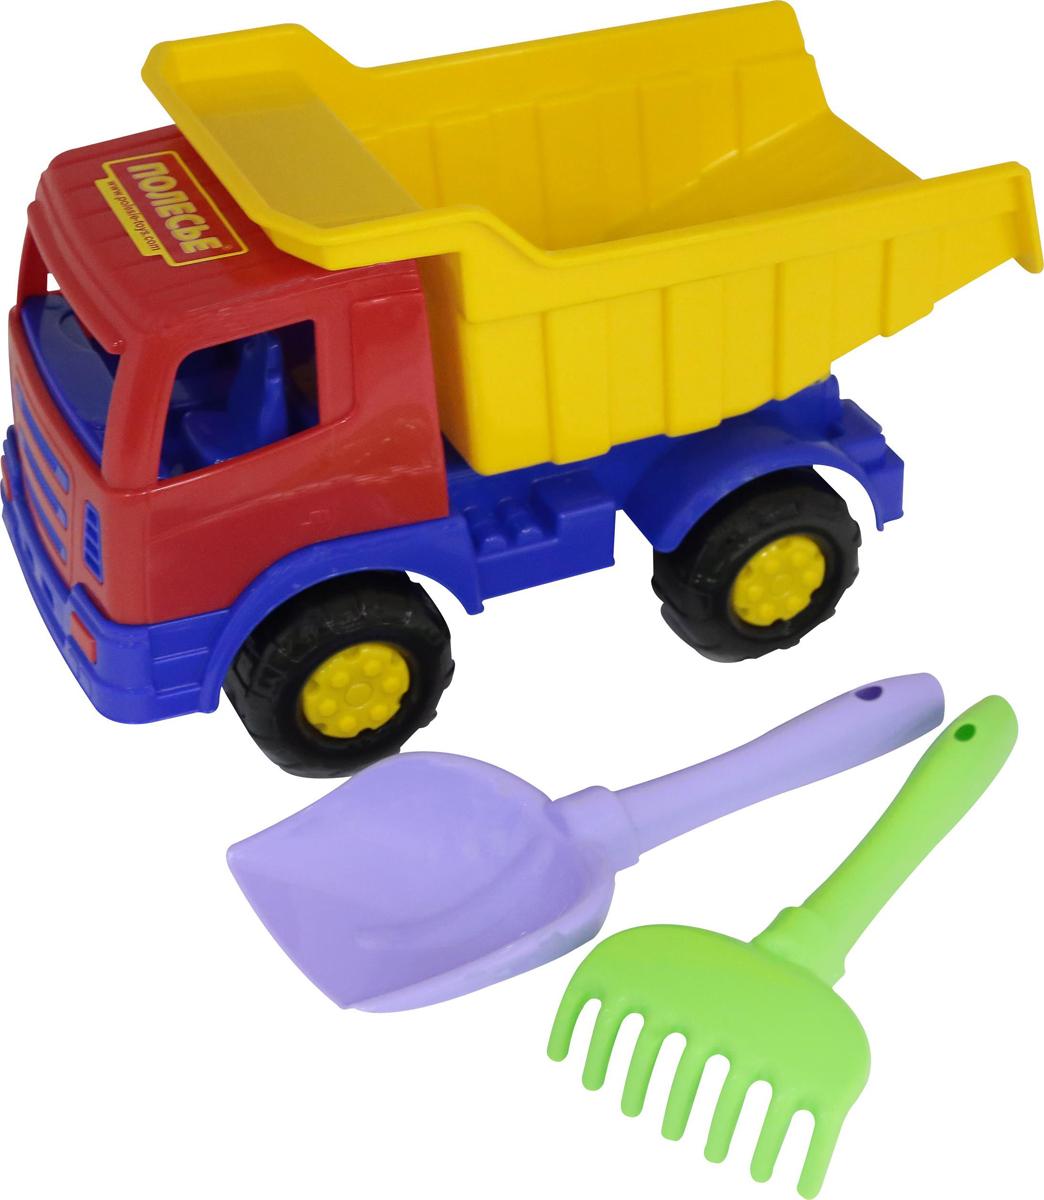 Полесье Набор игрушек для песочницы №183 Мираж, цвет в ассортименте ba750 3 7v 1500mah cellphone battery for sony lt18i lt15i x12 xperia arc grey